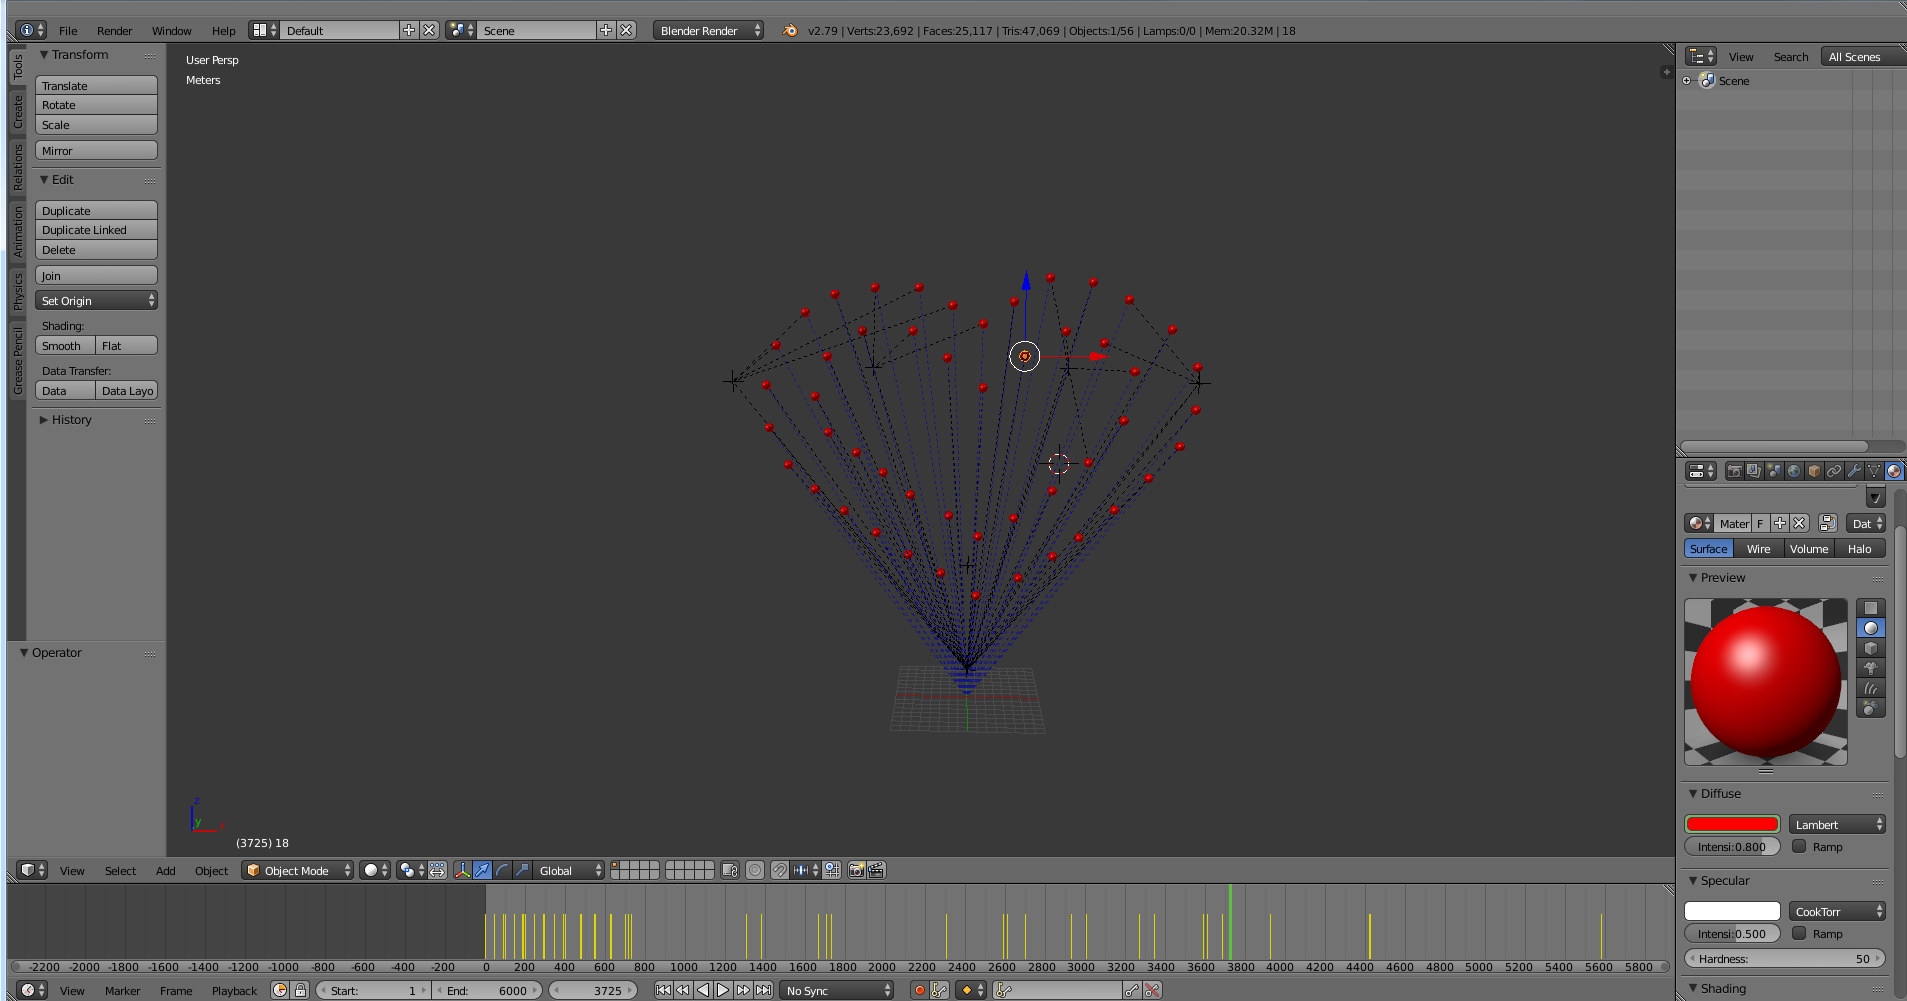 Шоу дронов: как мы координировали рой танцующих коптеров - 3